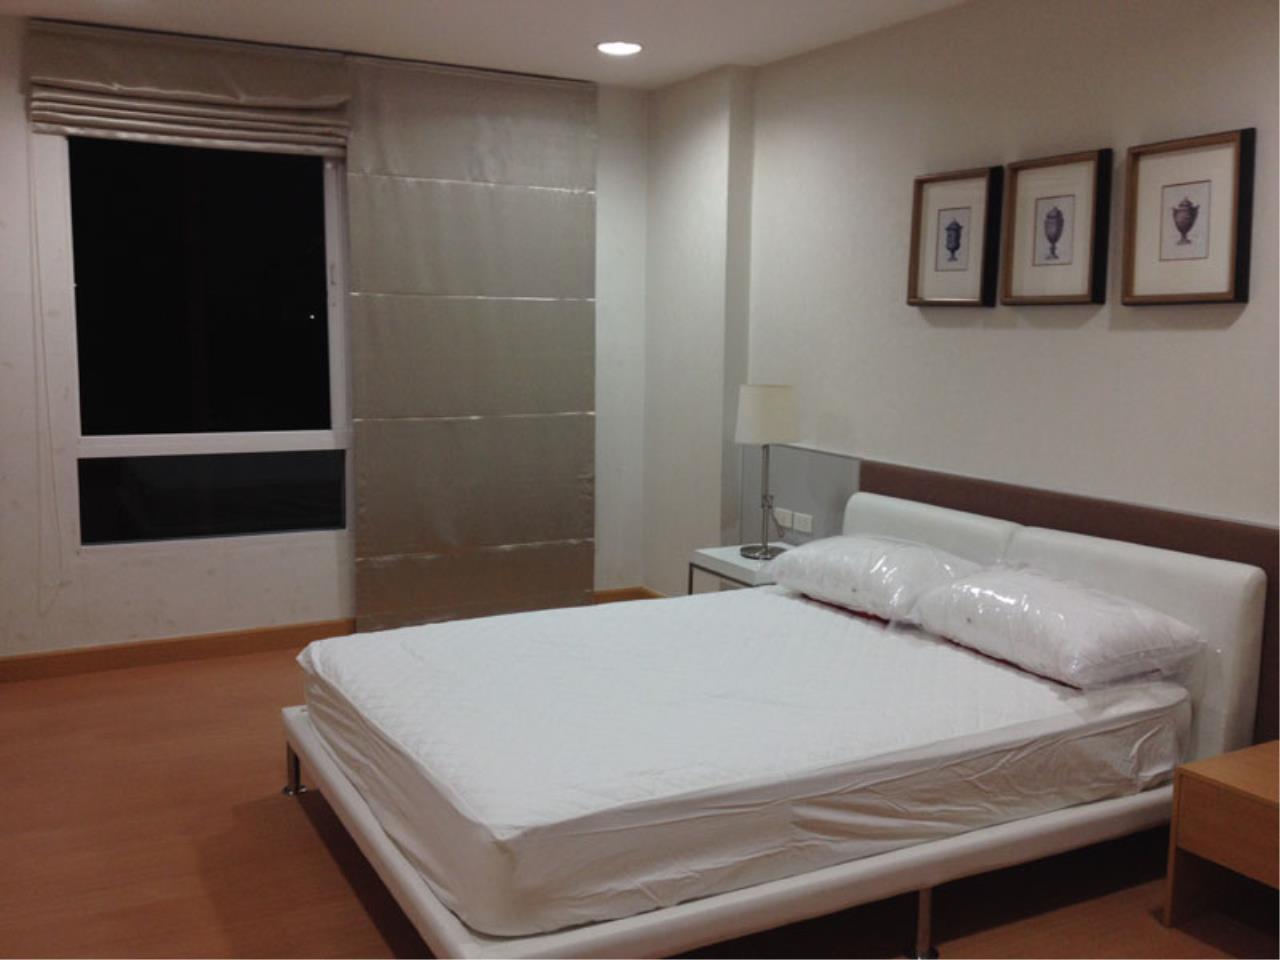 BKK Condos Agency's Two bedroom condo for rent at The Bangkok Sab Road  3